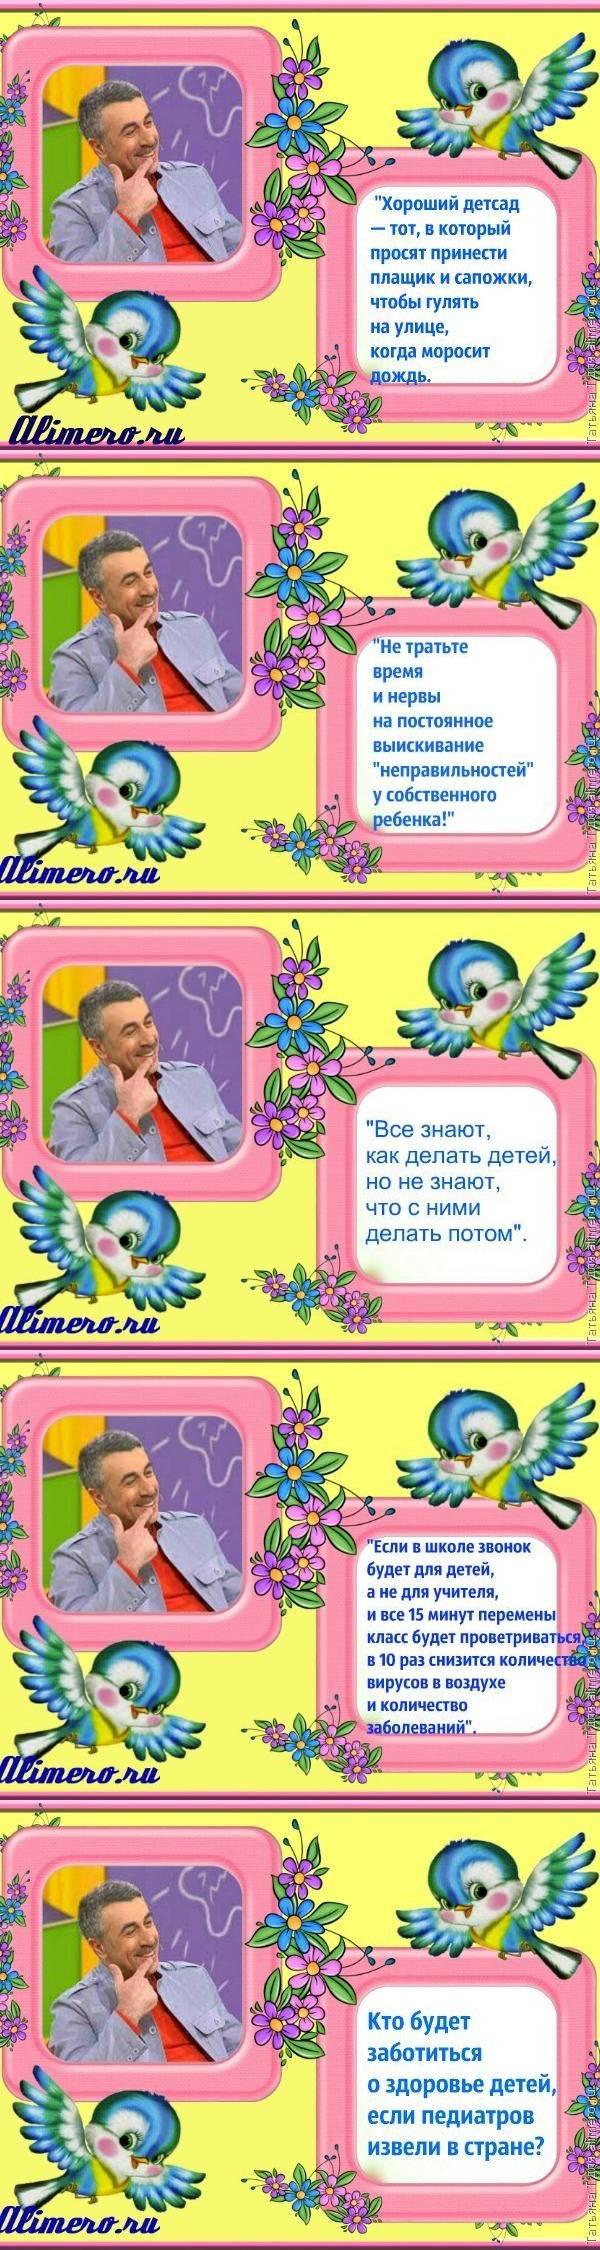 25 высказываний доктора Комаровского